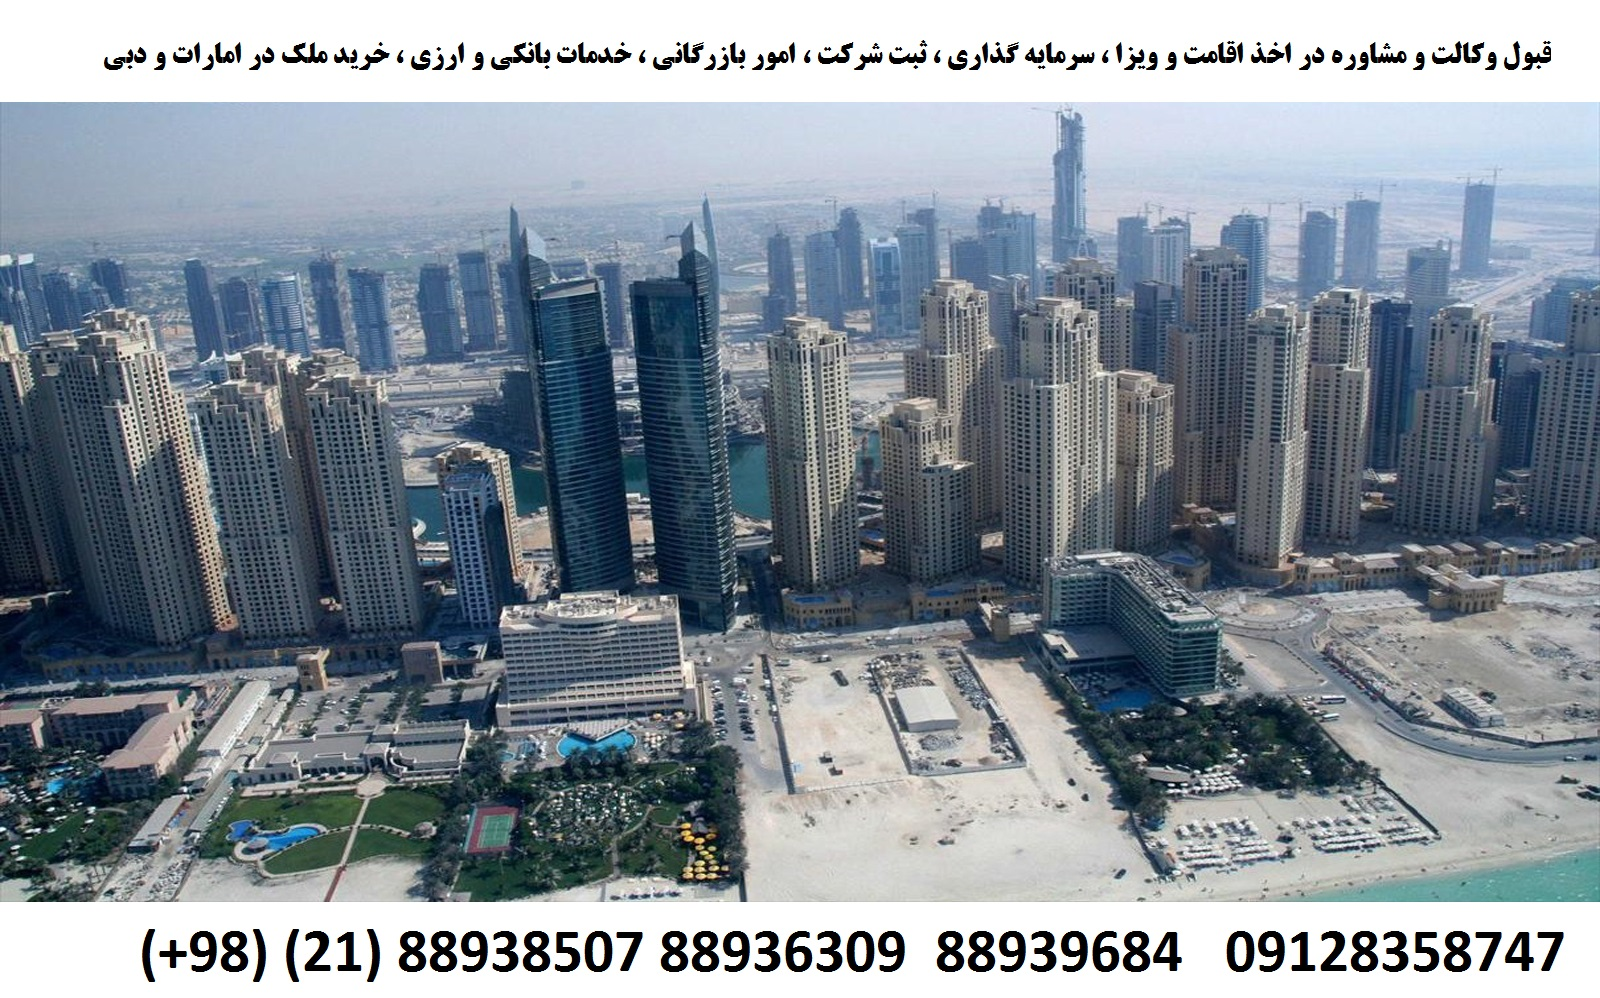 اقامت ، ثبت شرکت ، سرمایه گذاری ، خرید ملک در امارات و دبی (7)